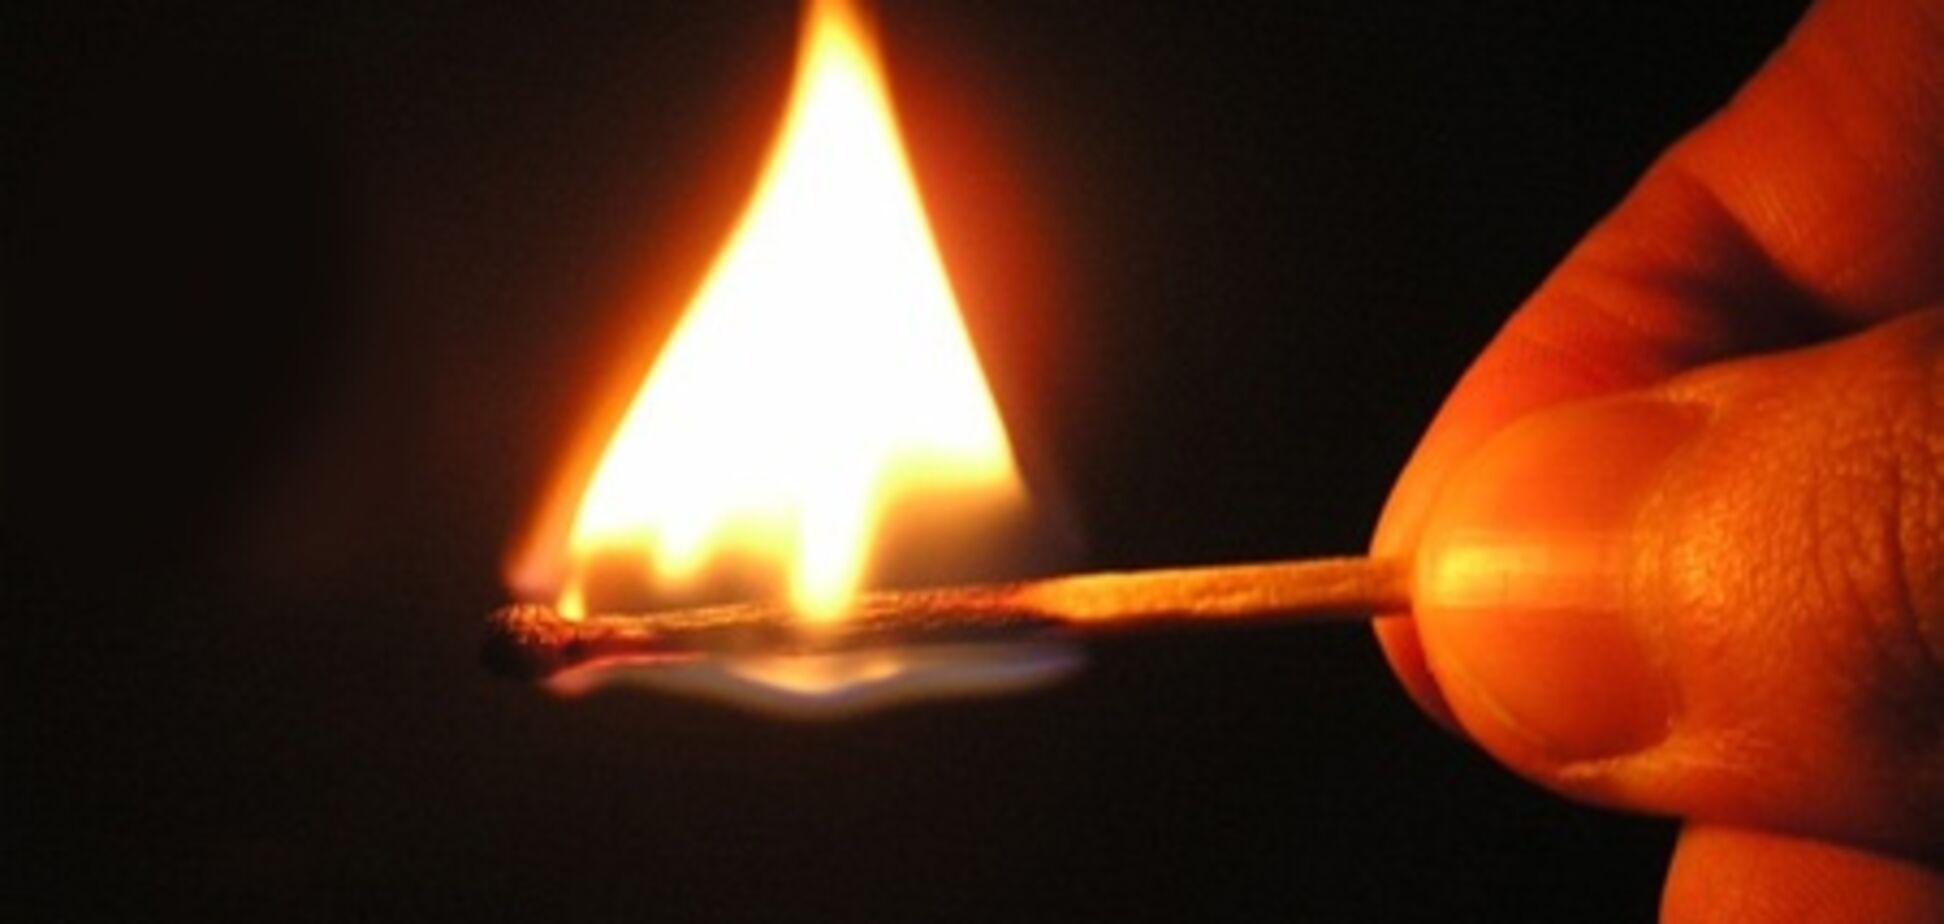 У Кіровоградській області на пожежі загинули двоє людей